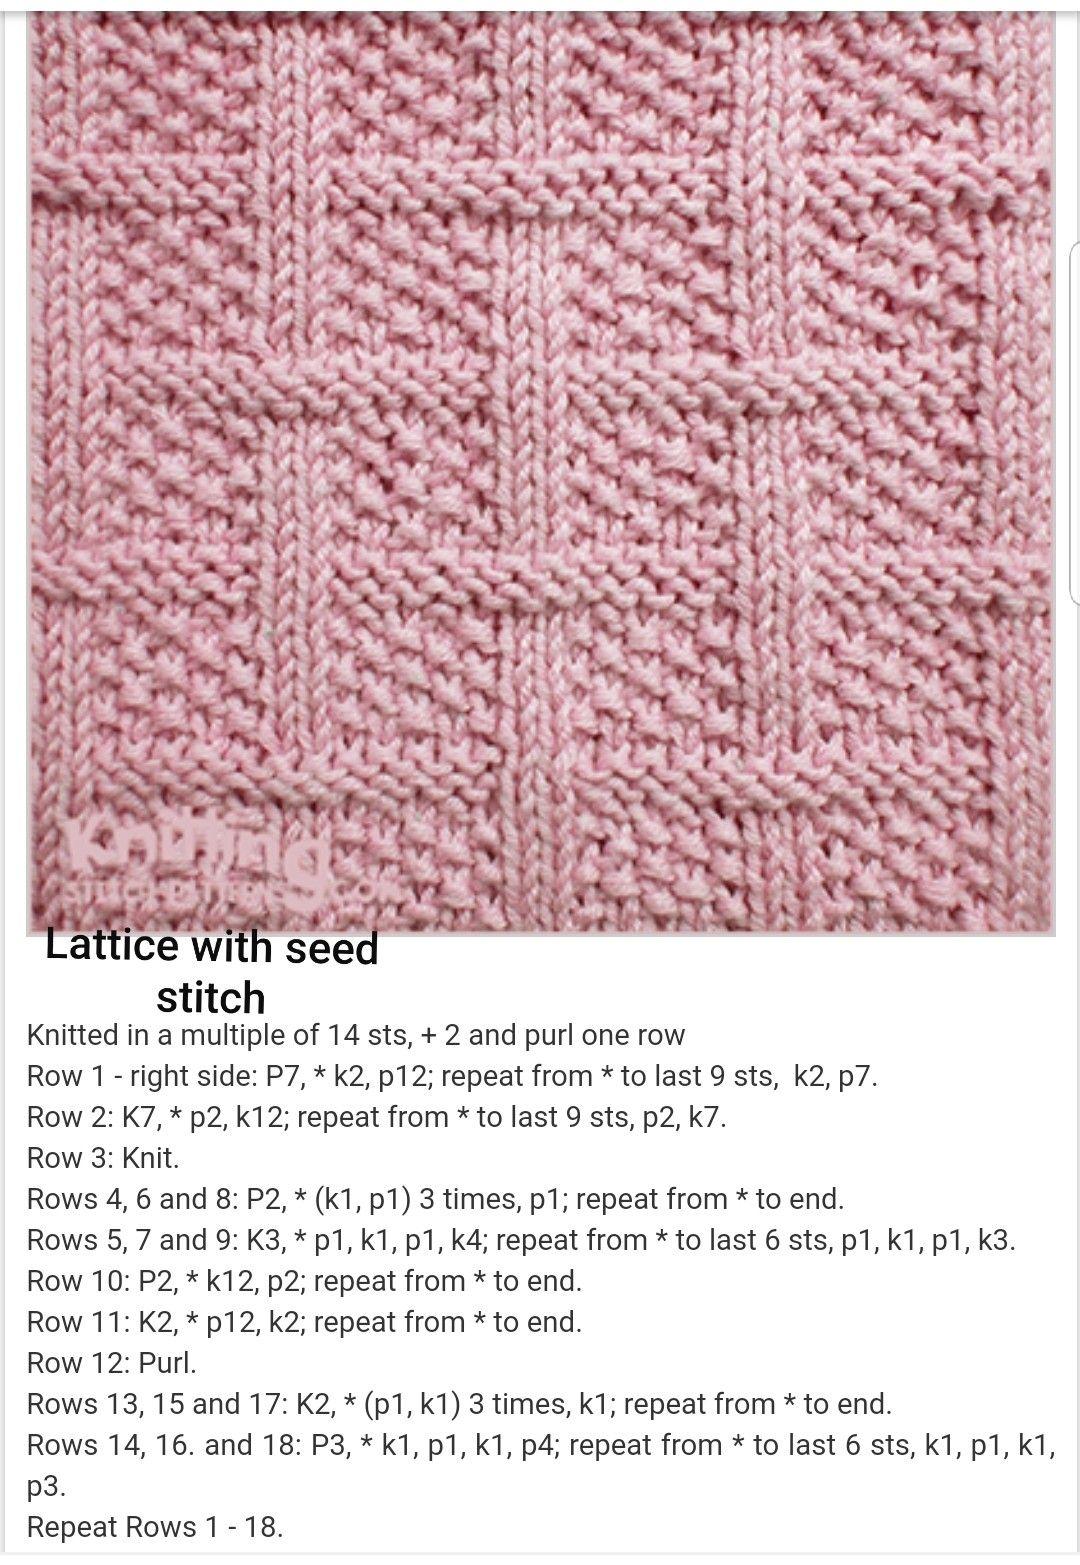 Lattice with Seed Stitch Free Knitting Pattern